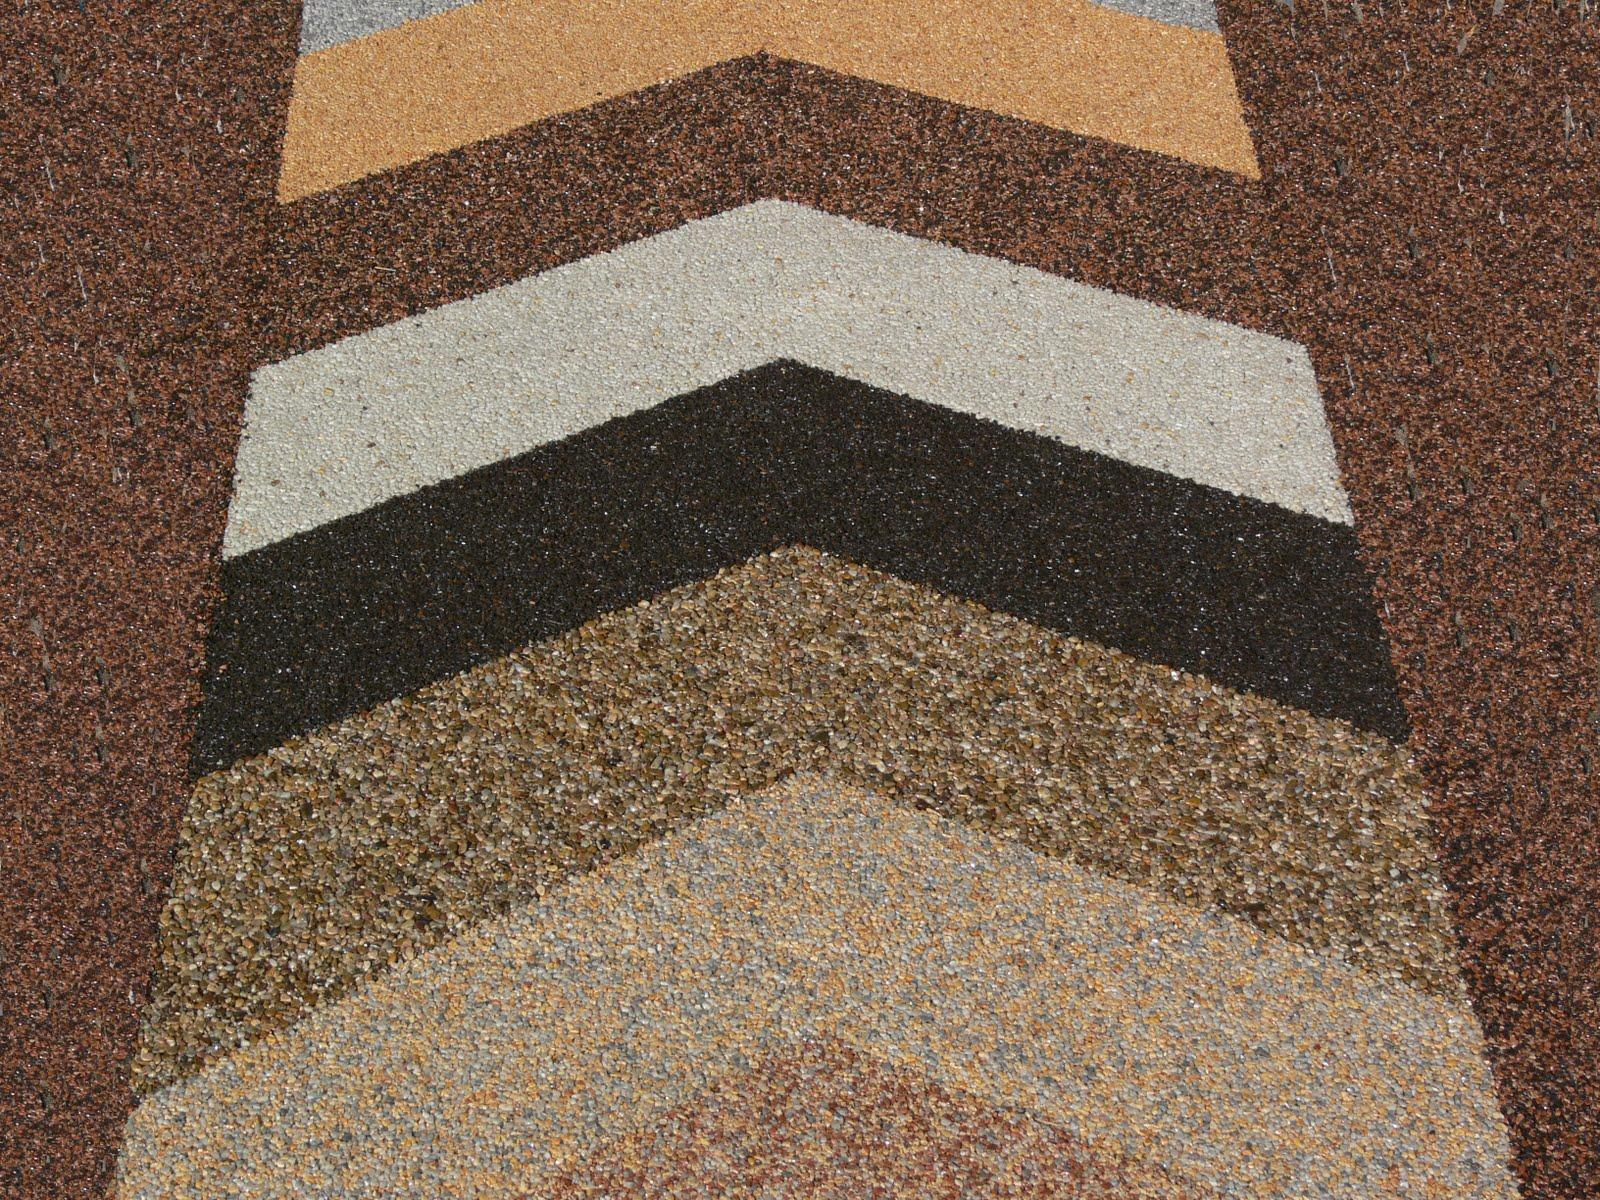 Pavimento drenante pavimento drenante pavimentos - Pavimentos de piedra natural ...